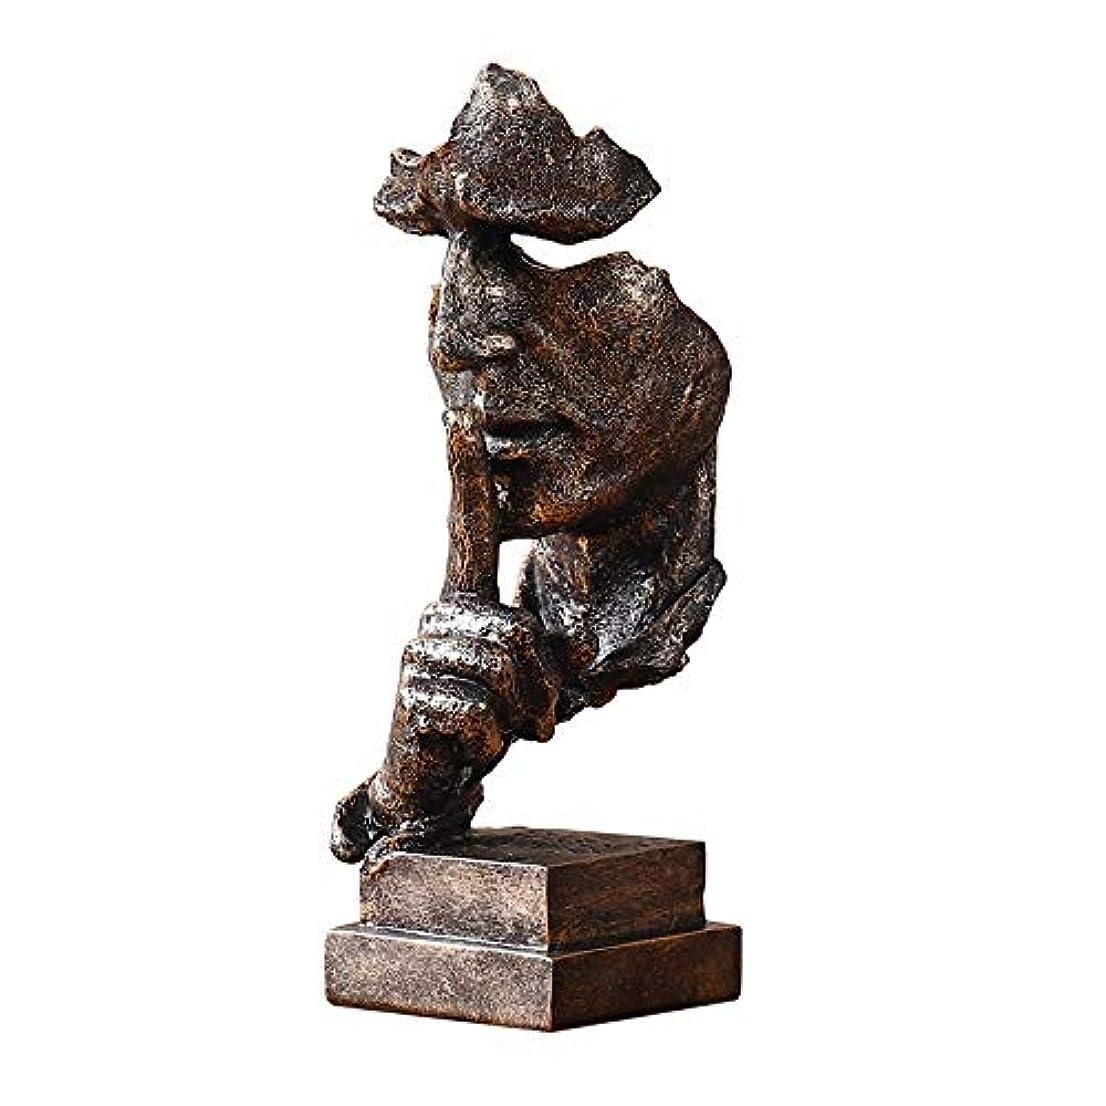 斧金属ペルセウス樹脂抽象彫刻沈黙はゴールデン男性像キャラクター工芸品装飾用オフィスリビングルームアートワーク,Bronze